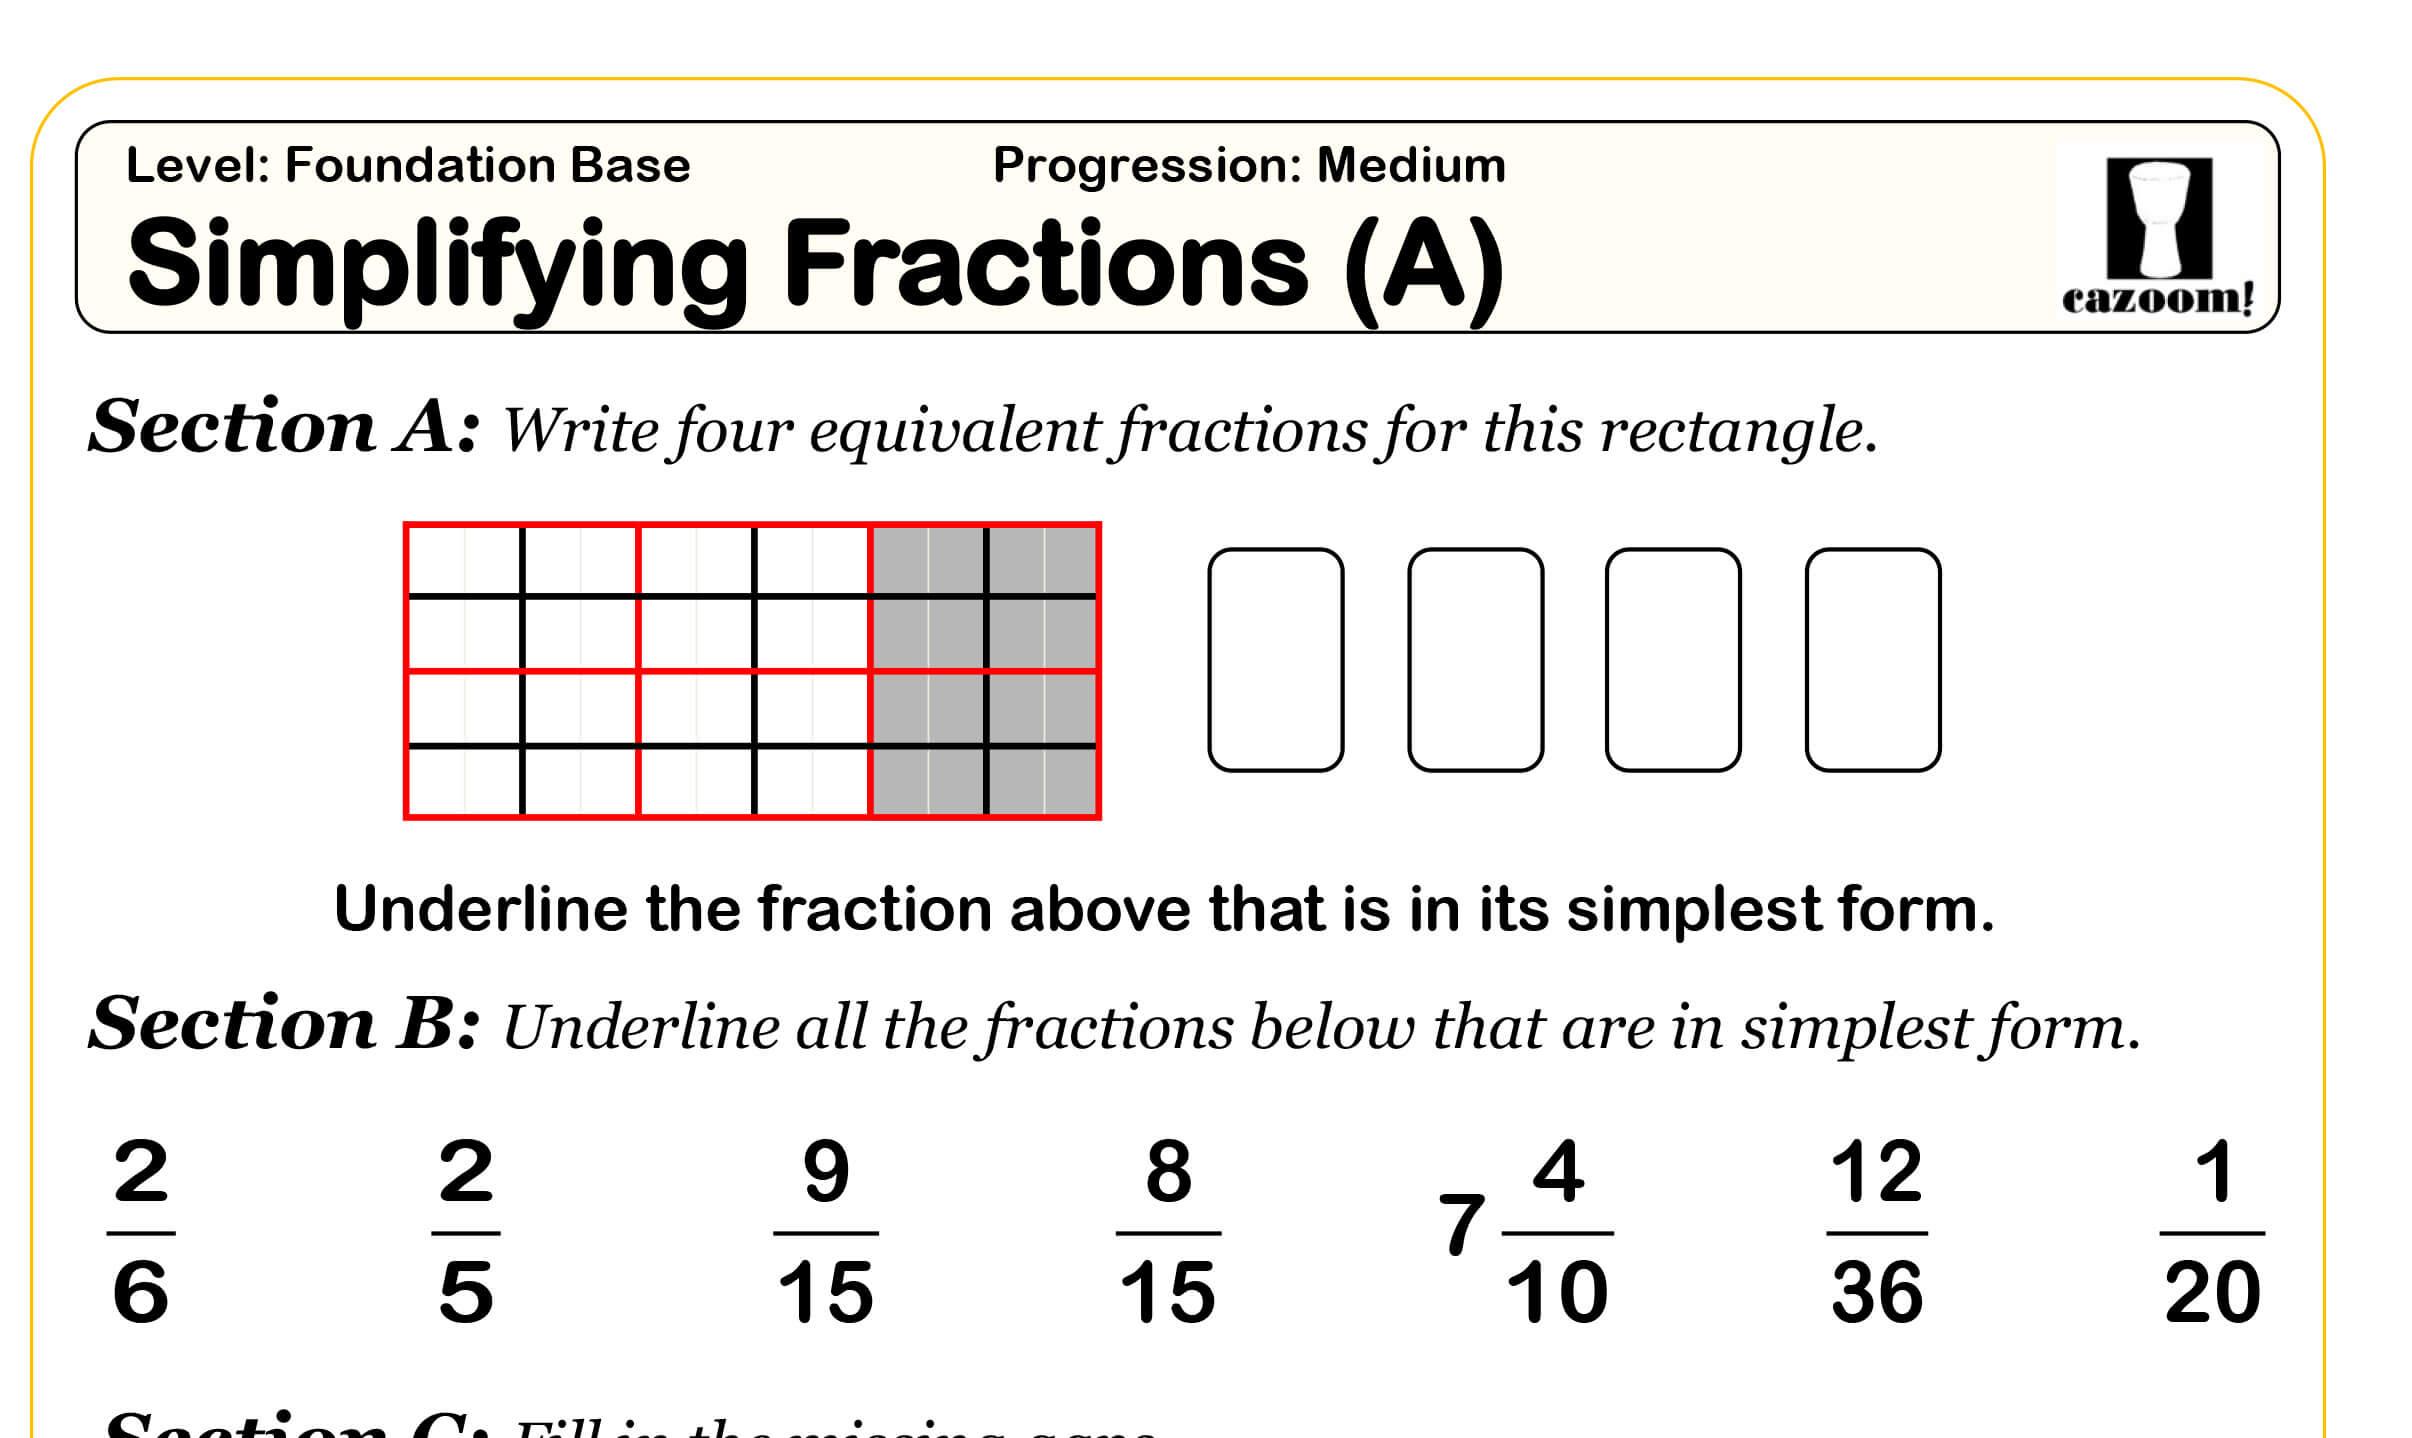 7th Grade Math Worksheets A - 7th Grade Math Worksheets PDF